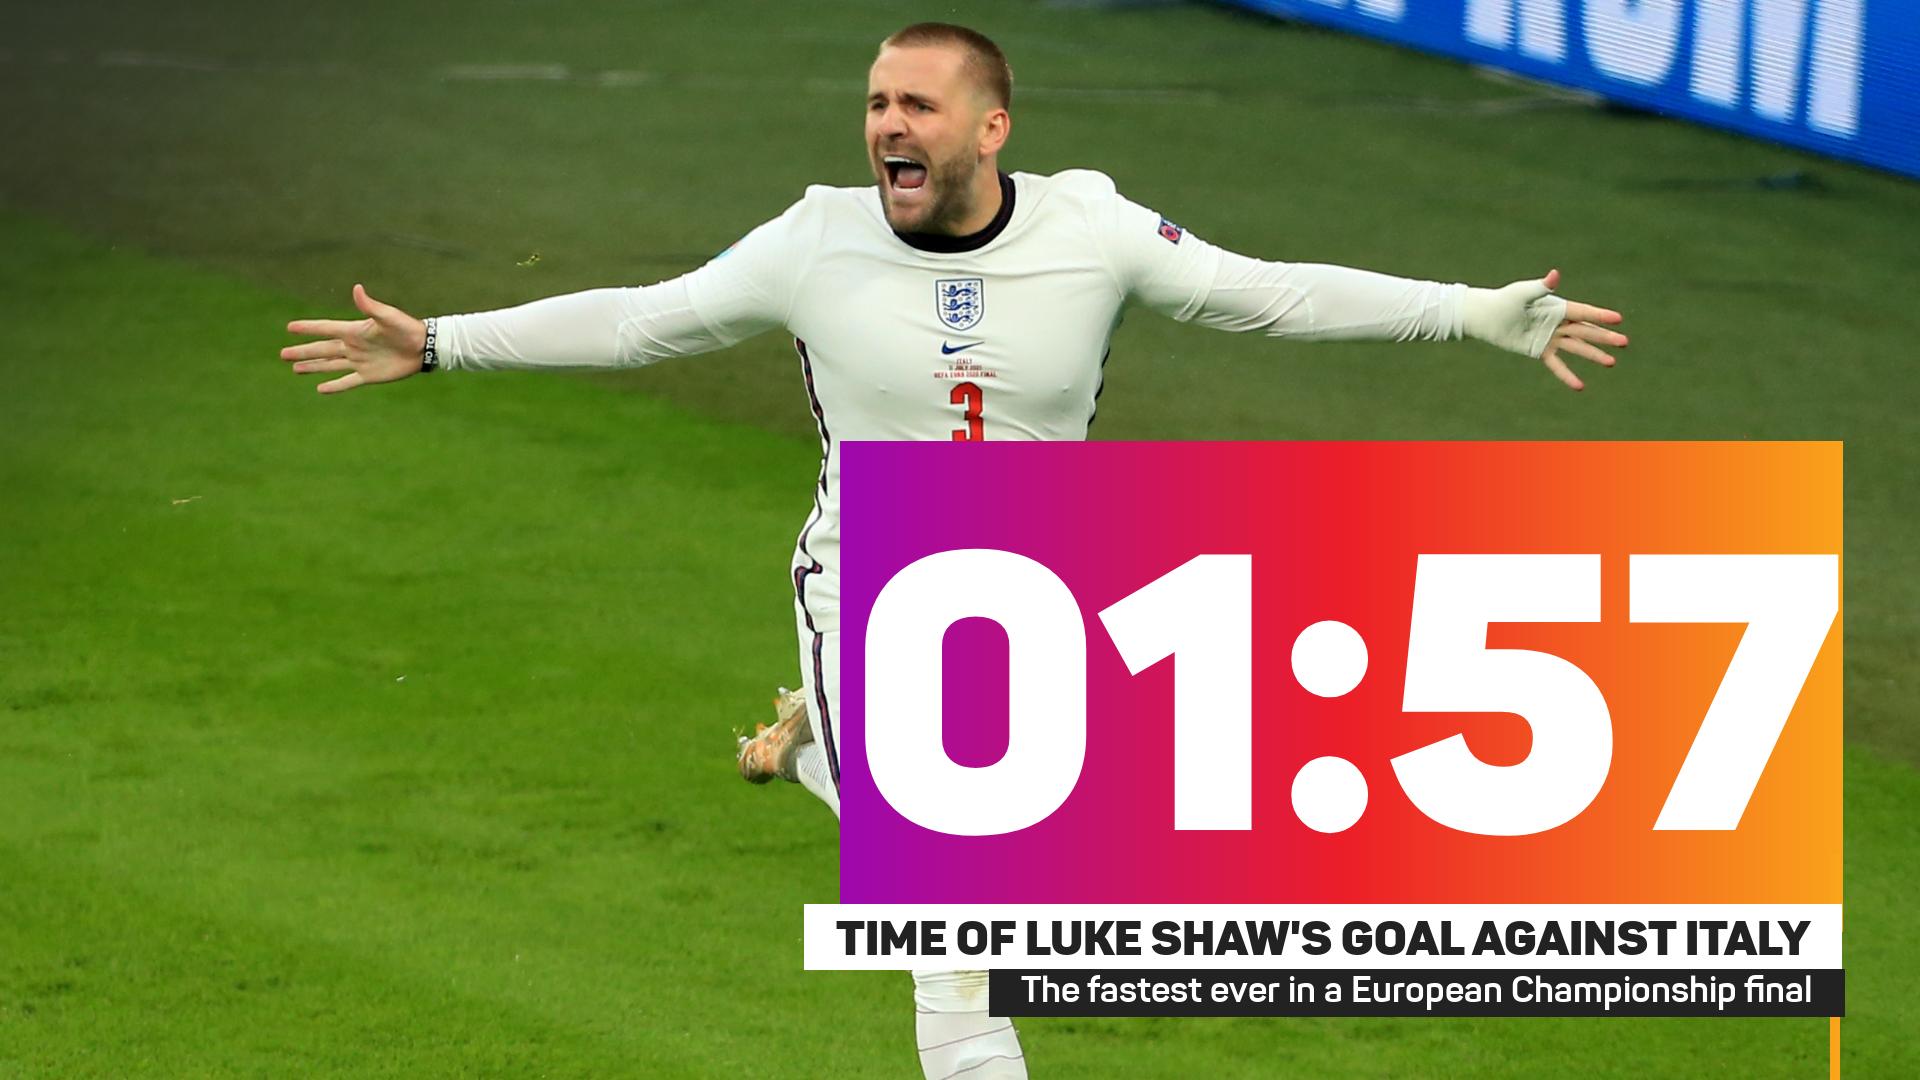 Luke Shaw stat